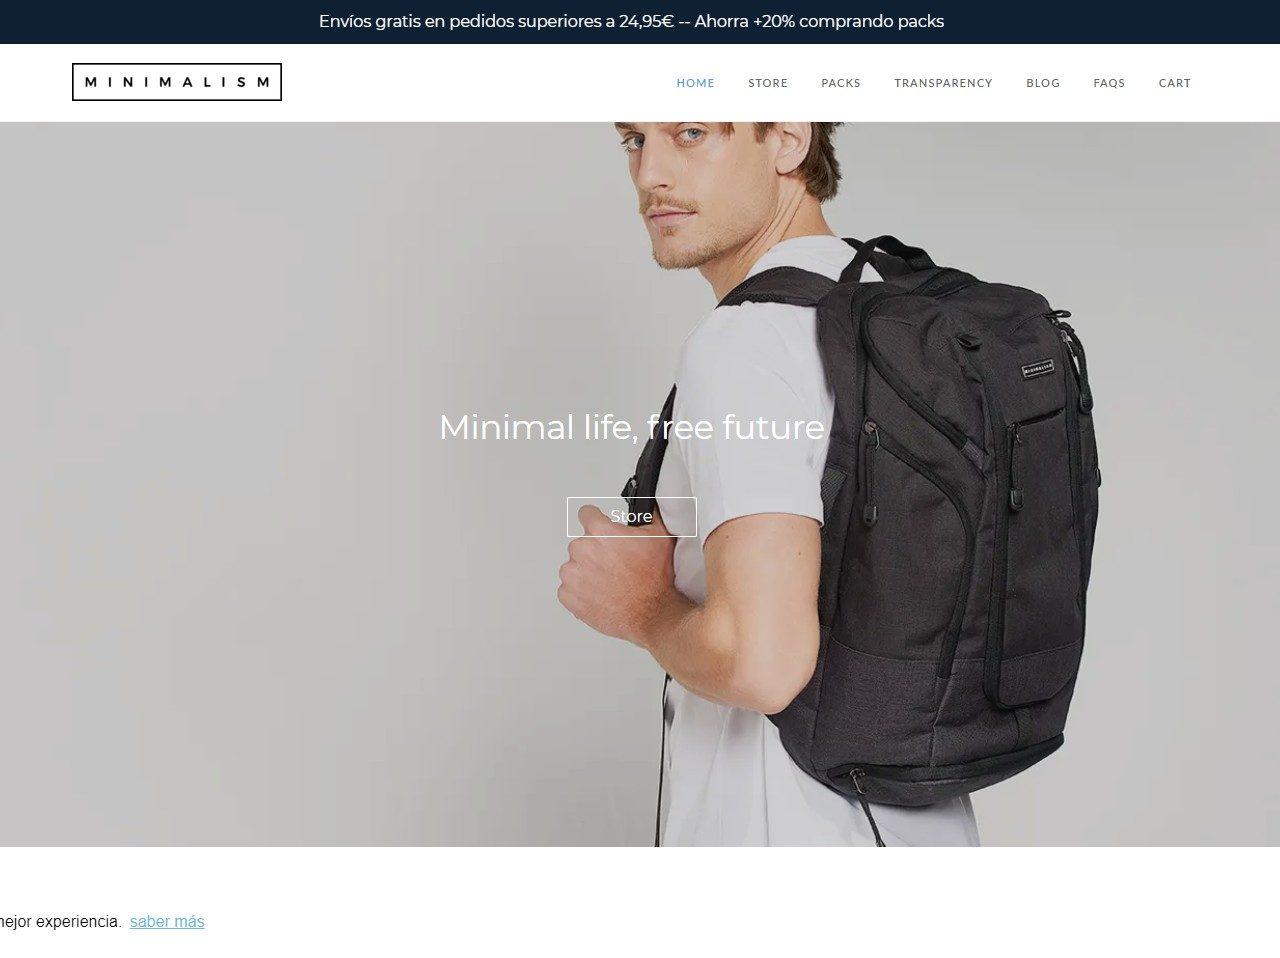 minimalismbrand